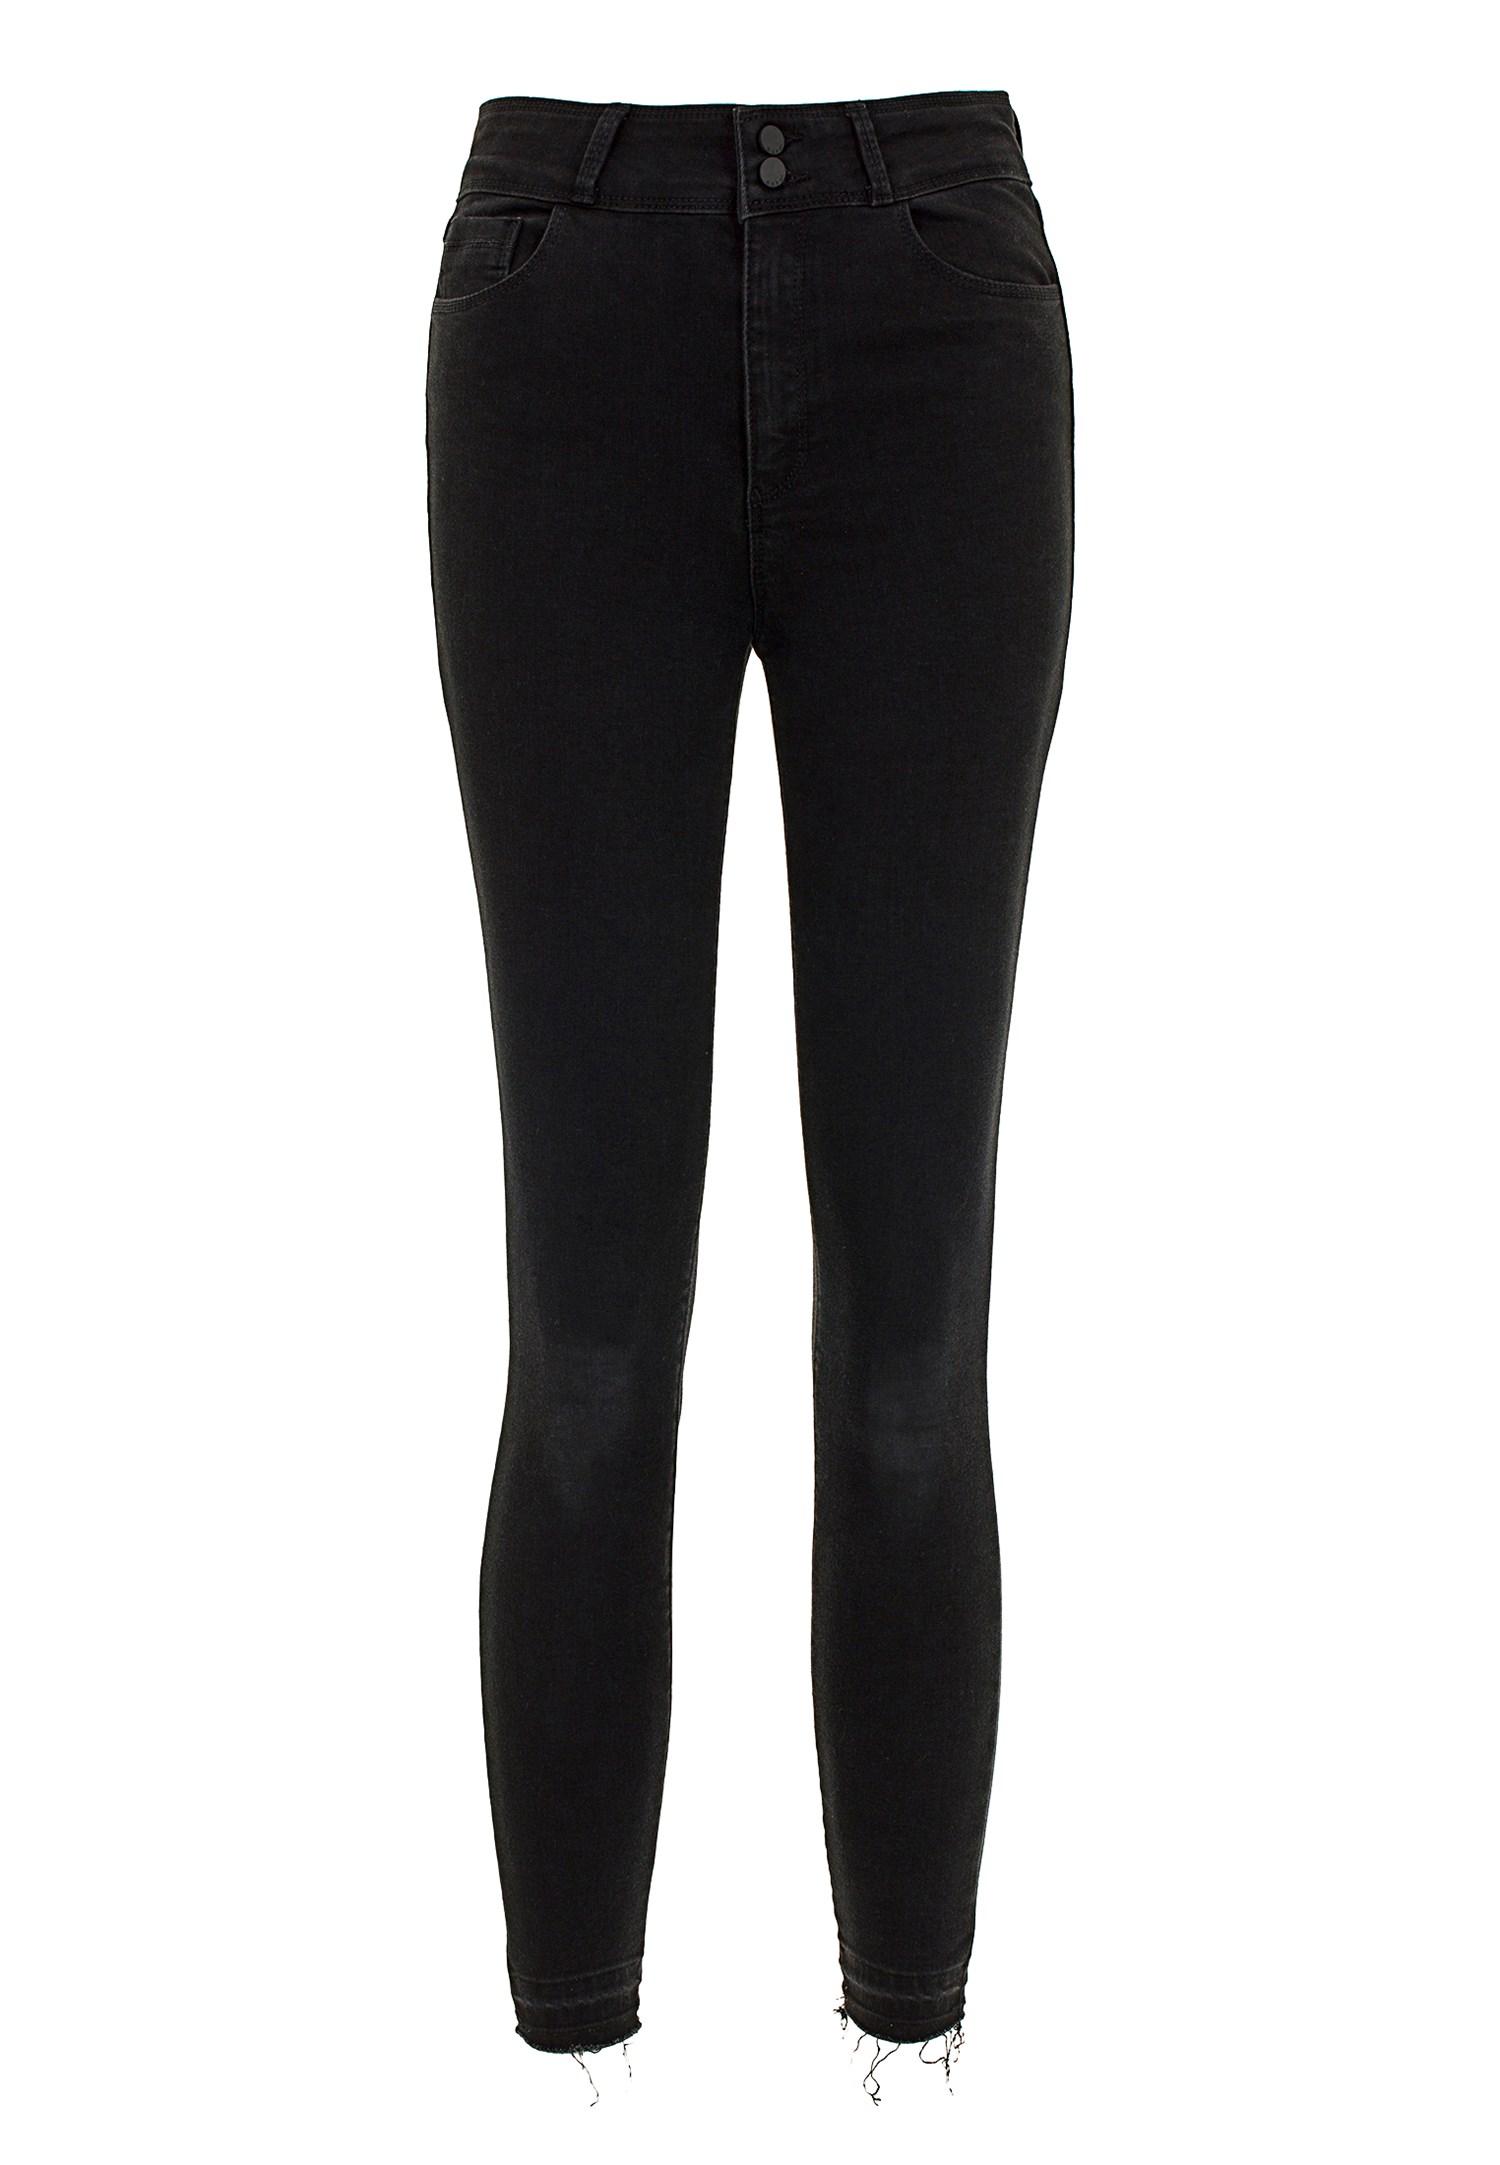 Bayan Siyah Yüksek Bel Dar Paça Pantolon